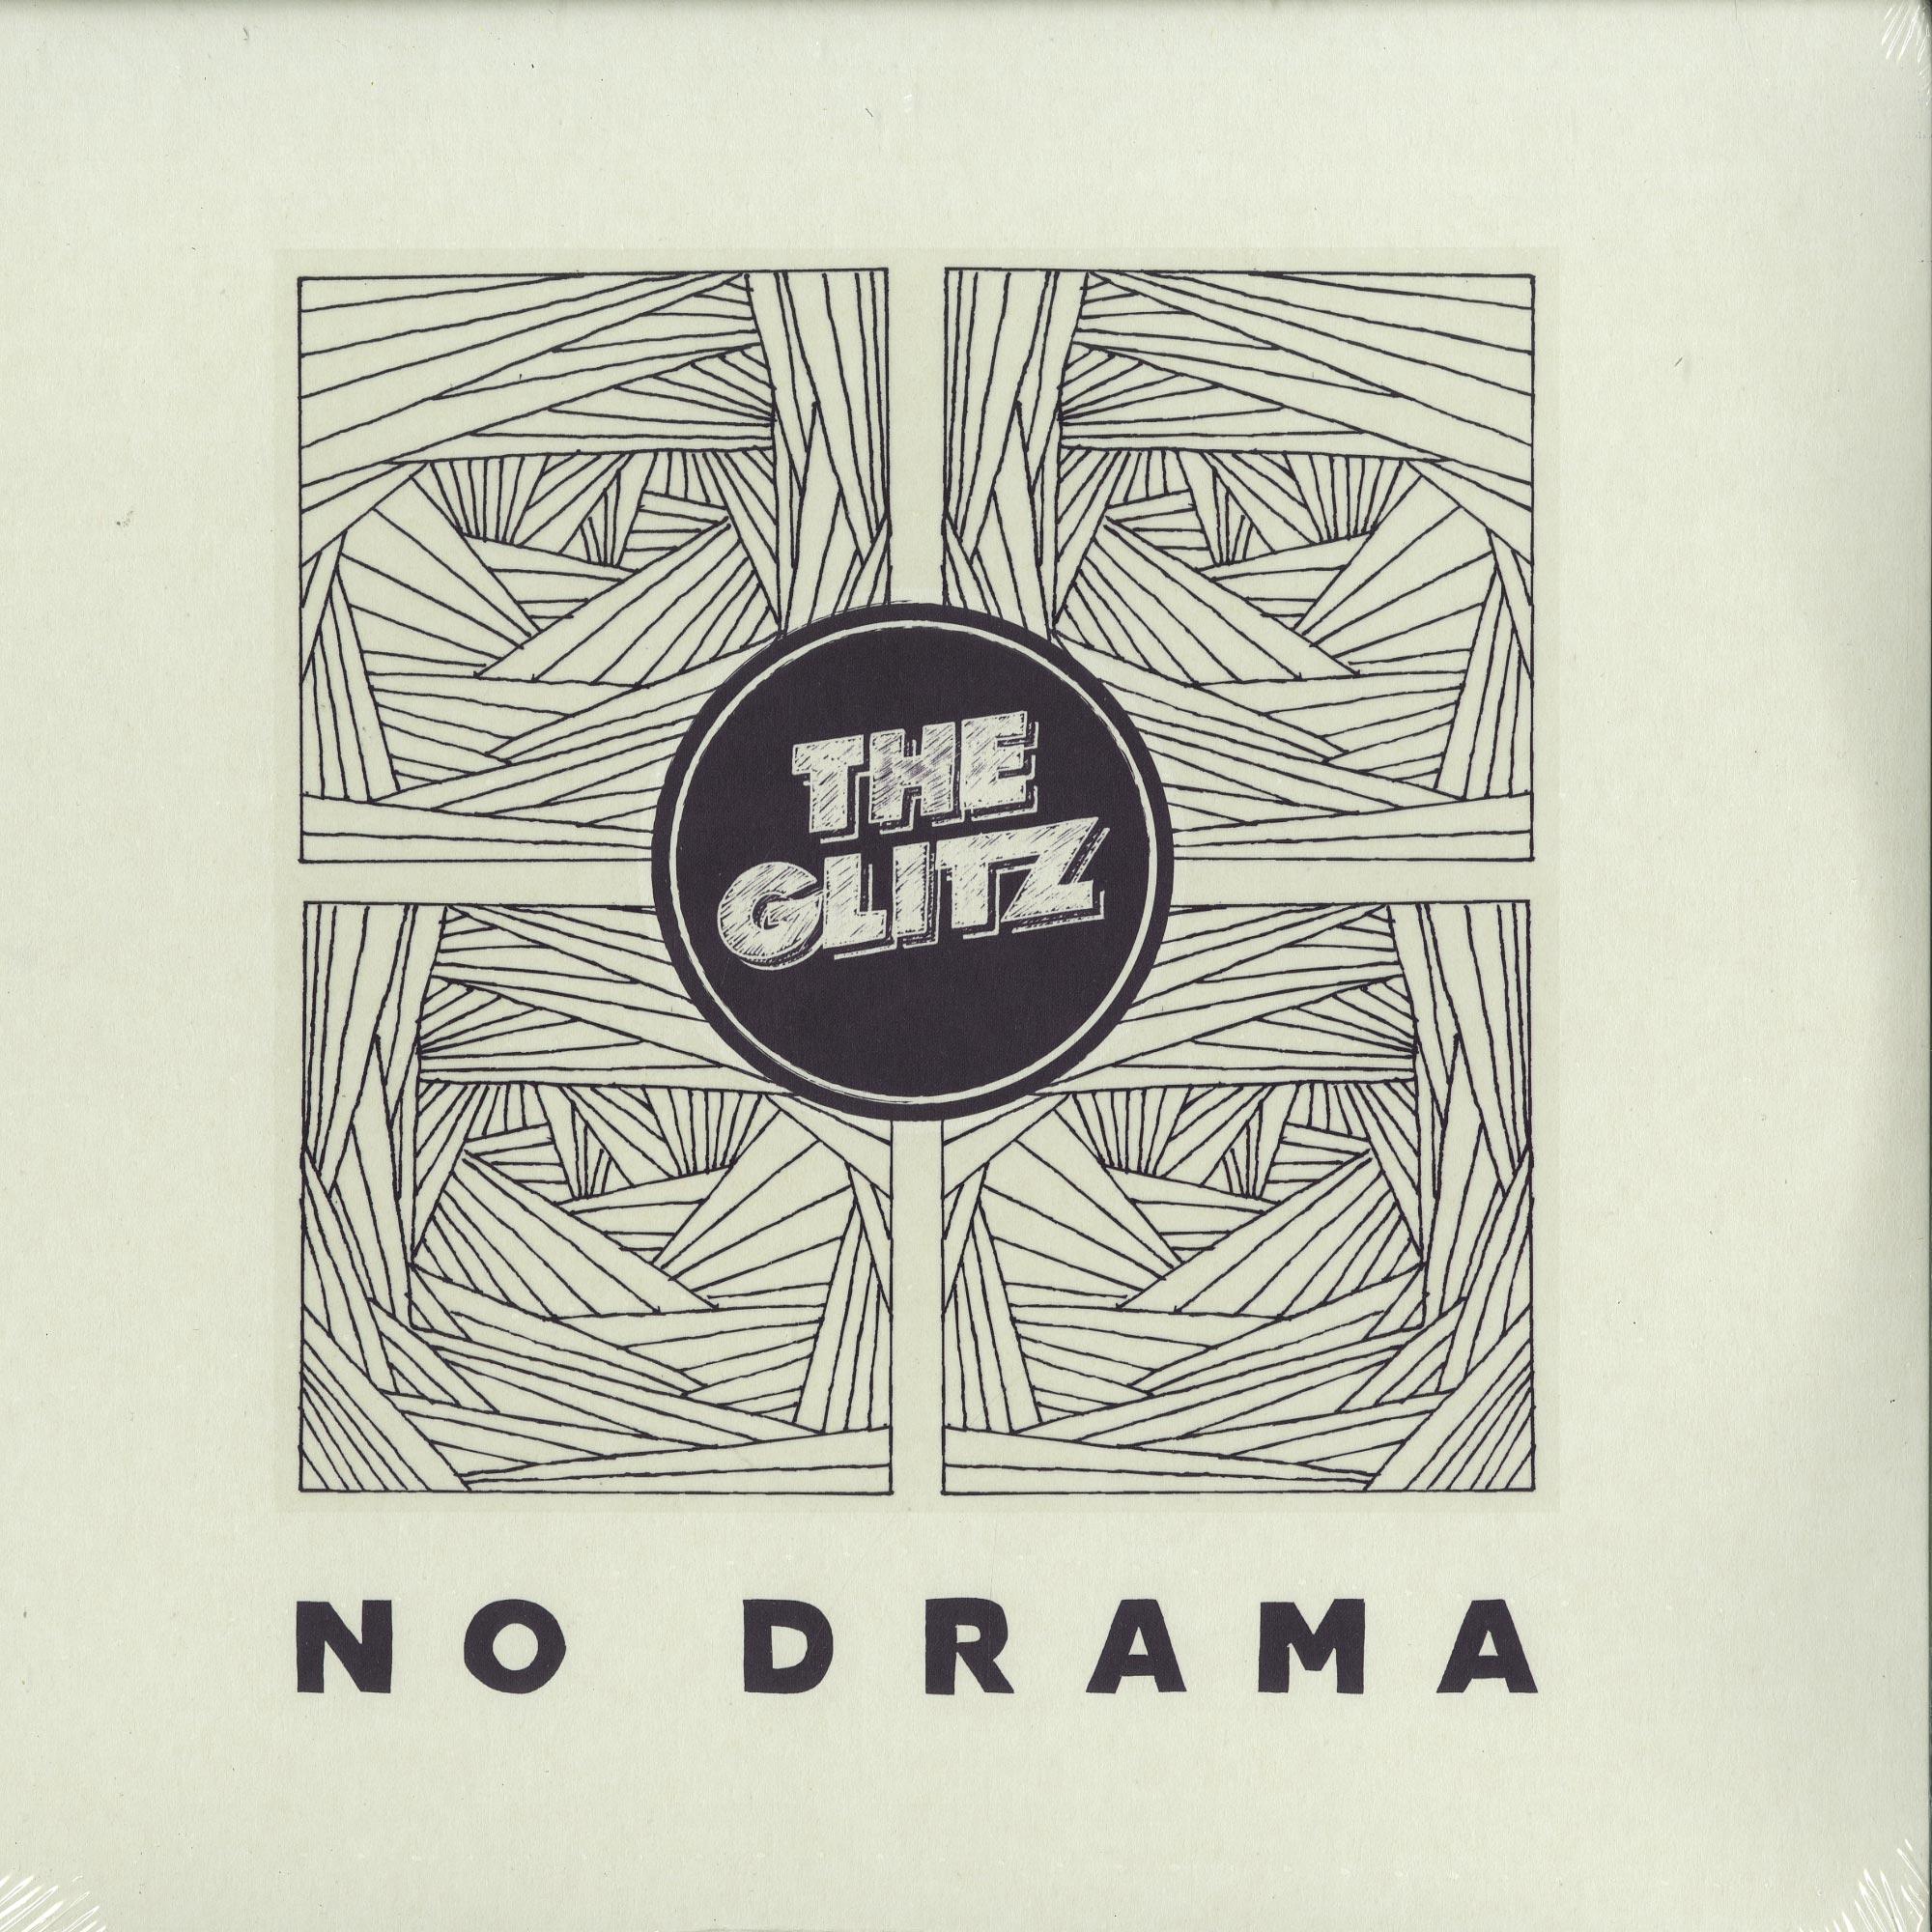 The Glitz - NO DRAMA